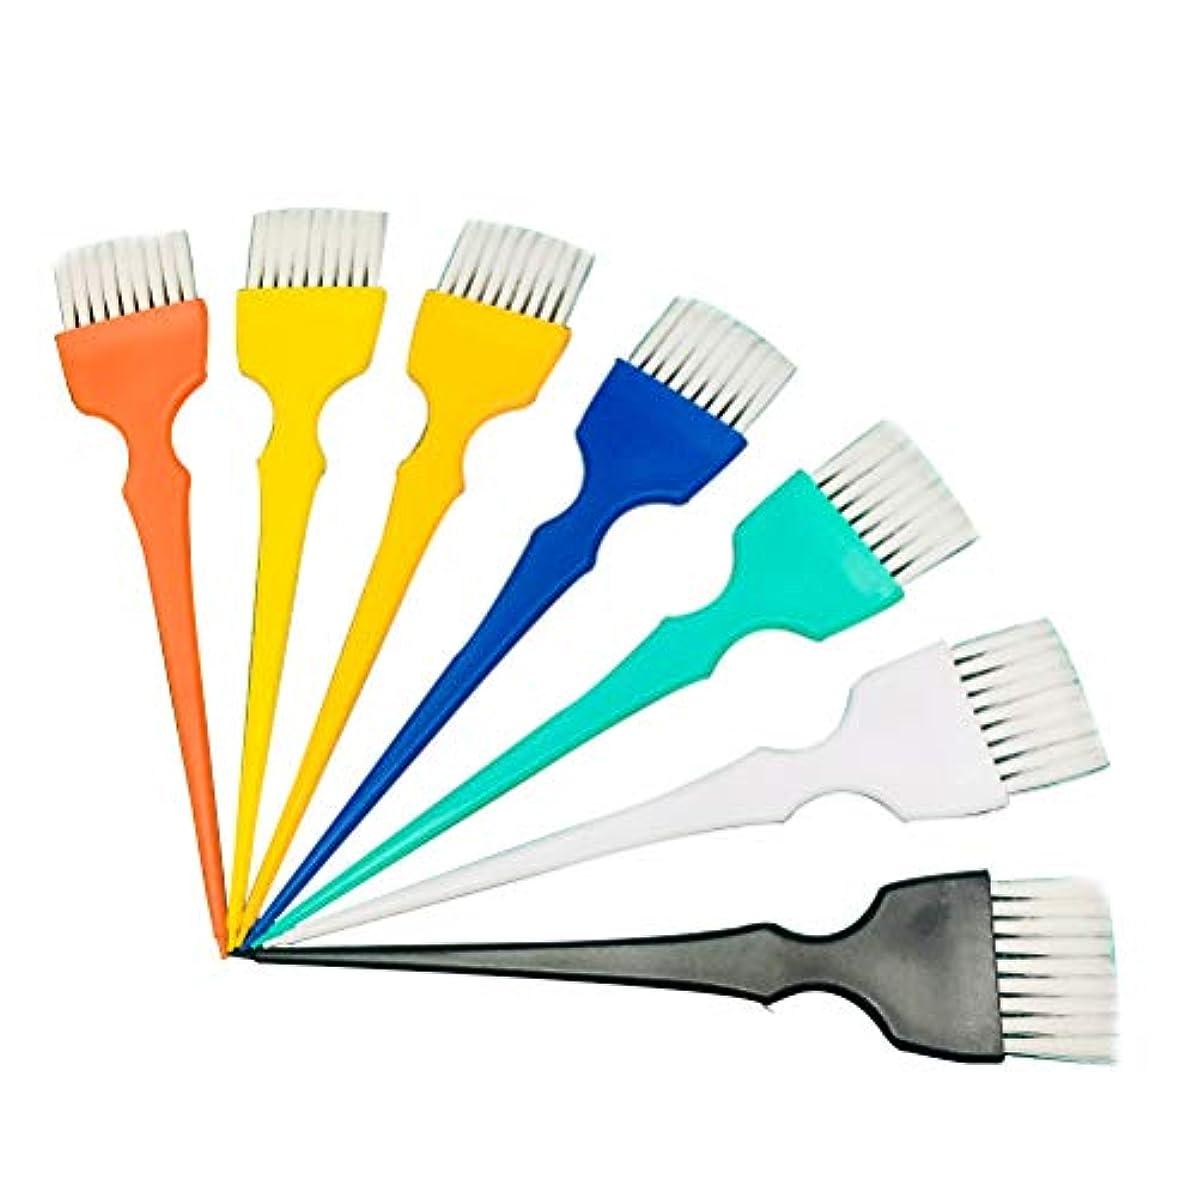 アピール責任者音楽Frcolor ヘアダイブラシ ヘアカラーブラシ ヘアダイコーム 白髪染め 家庭用 美容師プロ用 プラスチック製 7本セット(ランダムカラー)